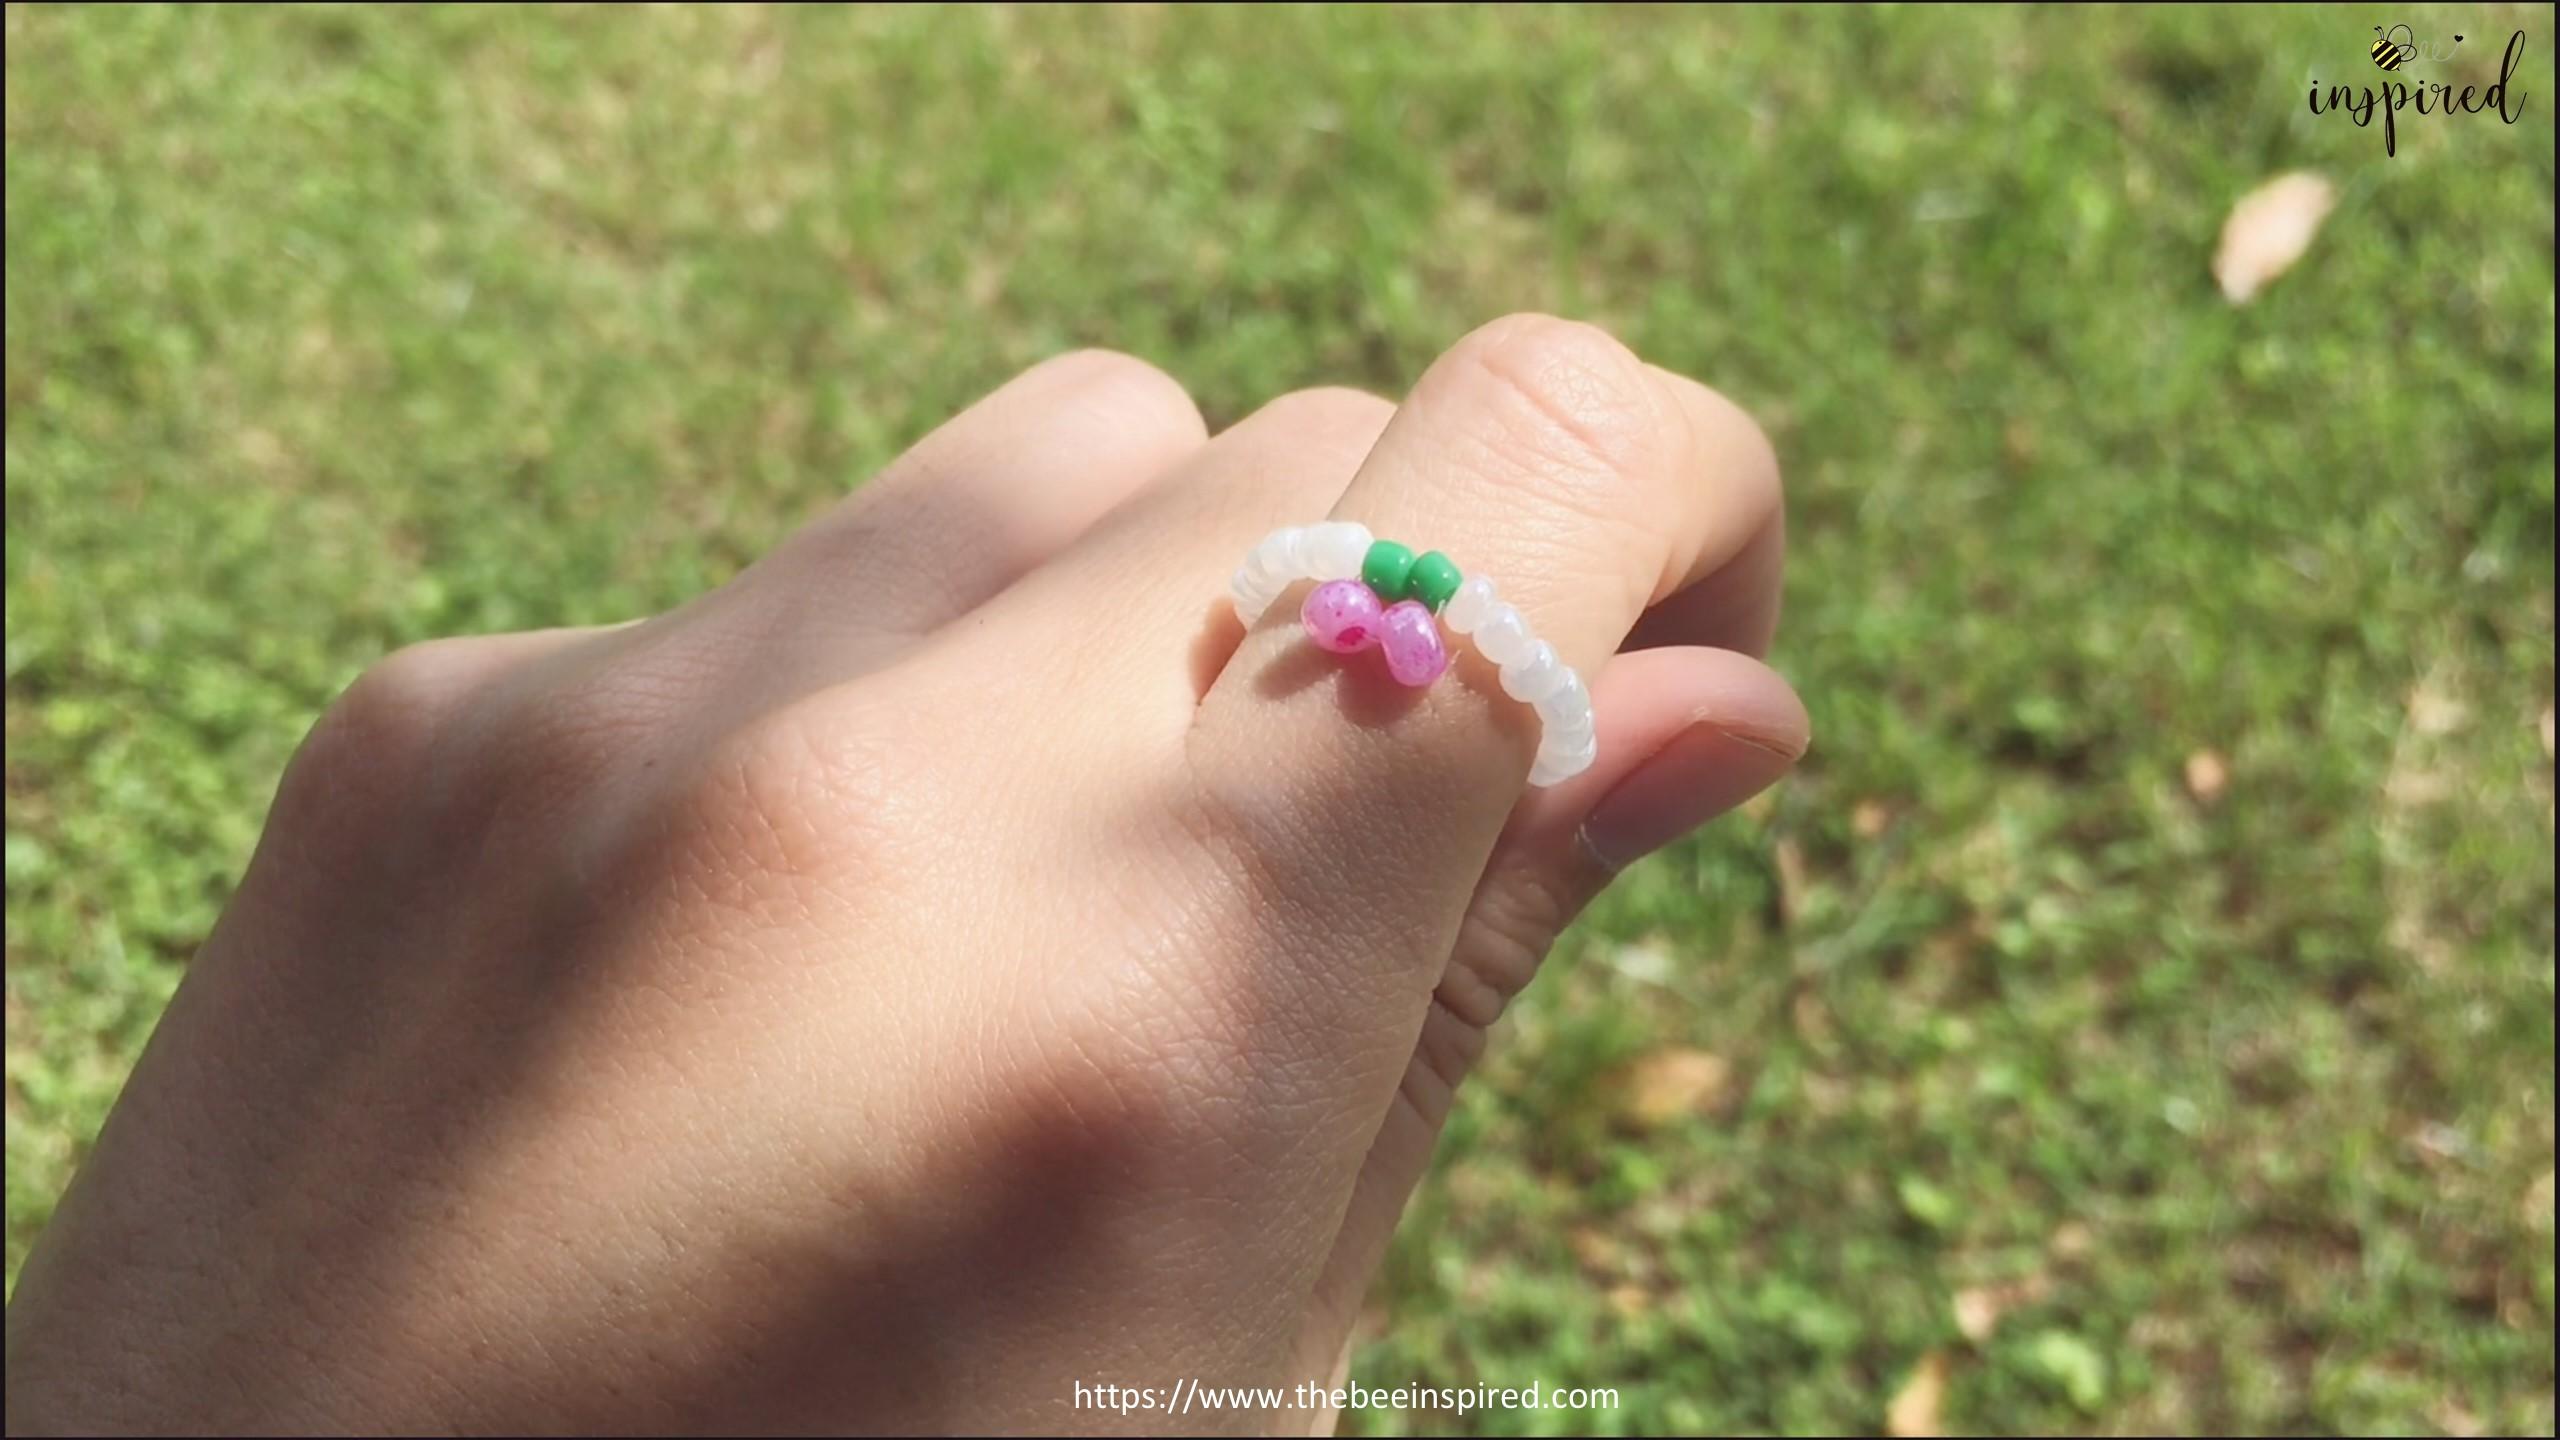 วิธีทำแหวนลูกปัดเชอร์รี่ง่ายๆ สไตล์เกาหลี - How to Make Cherry Beaded Ring_14